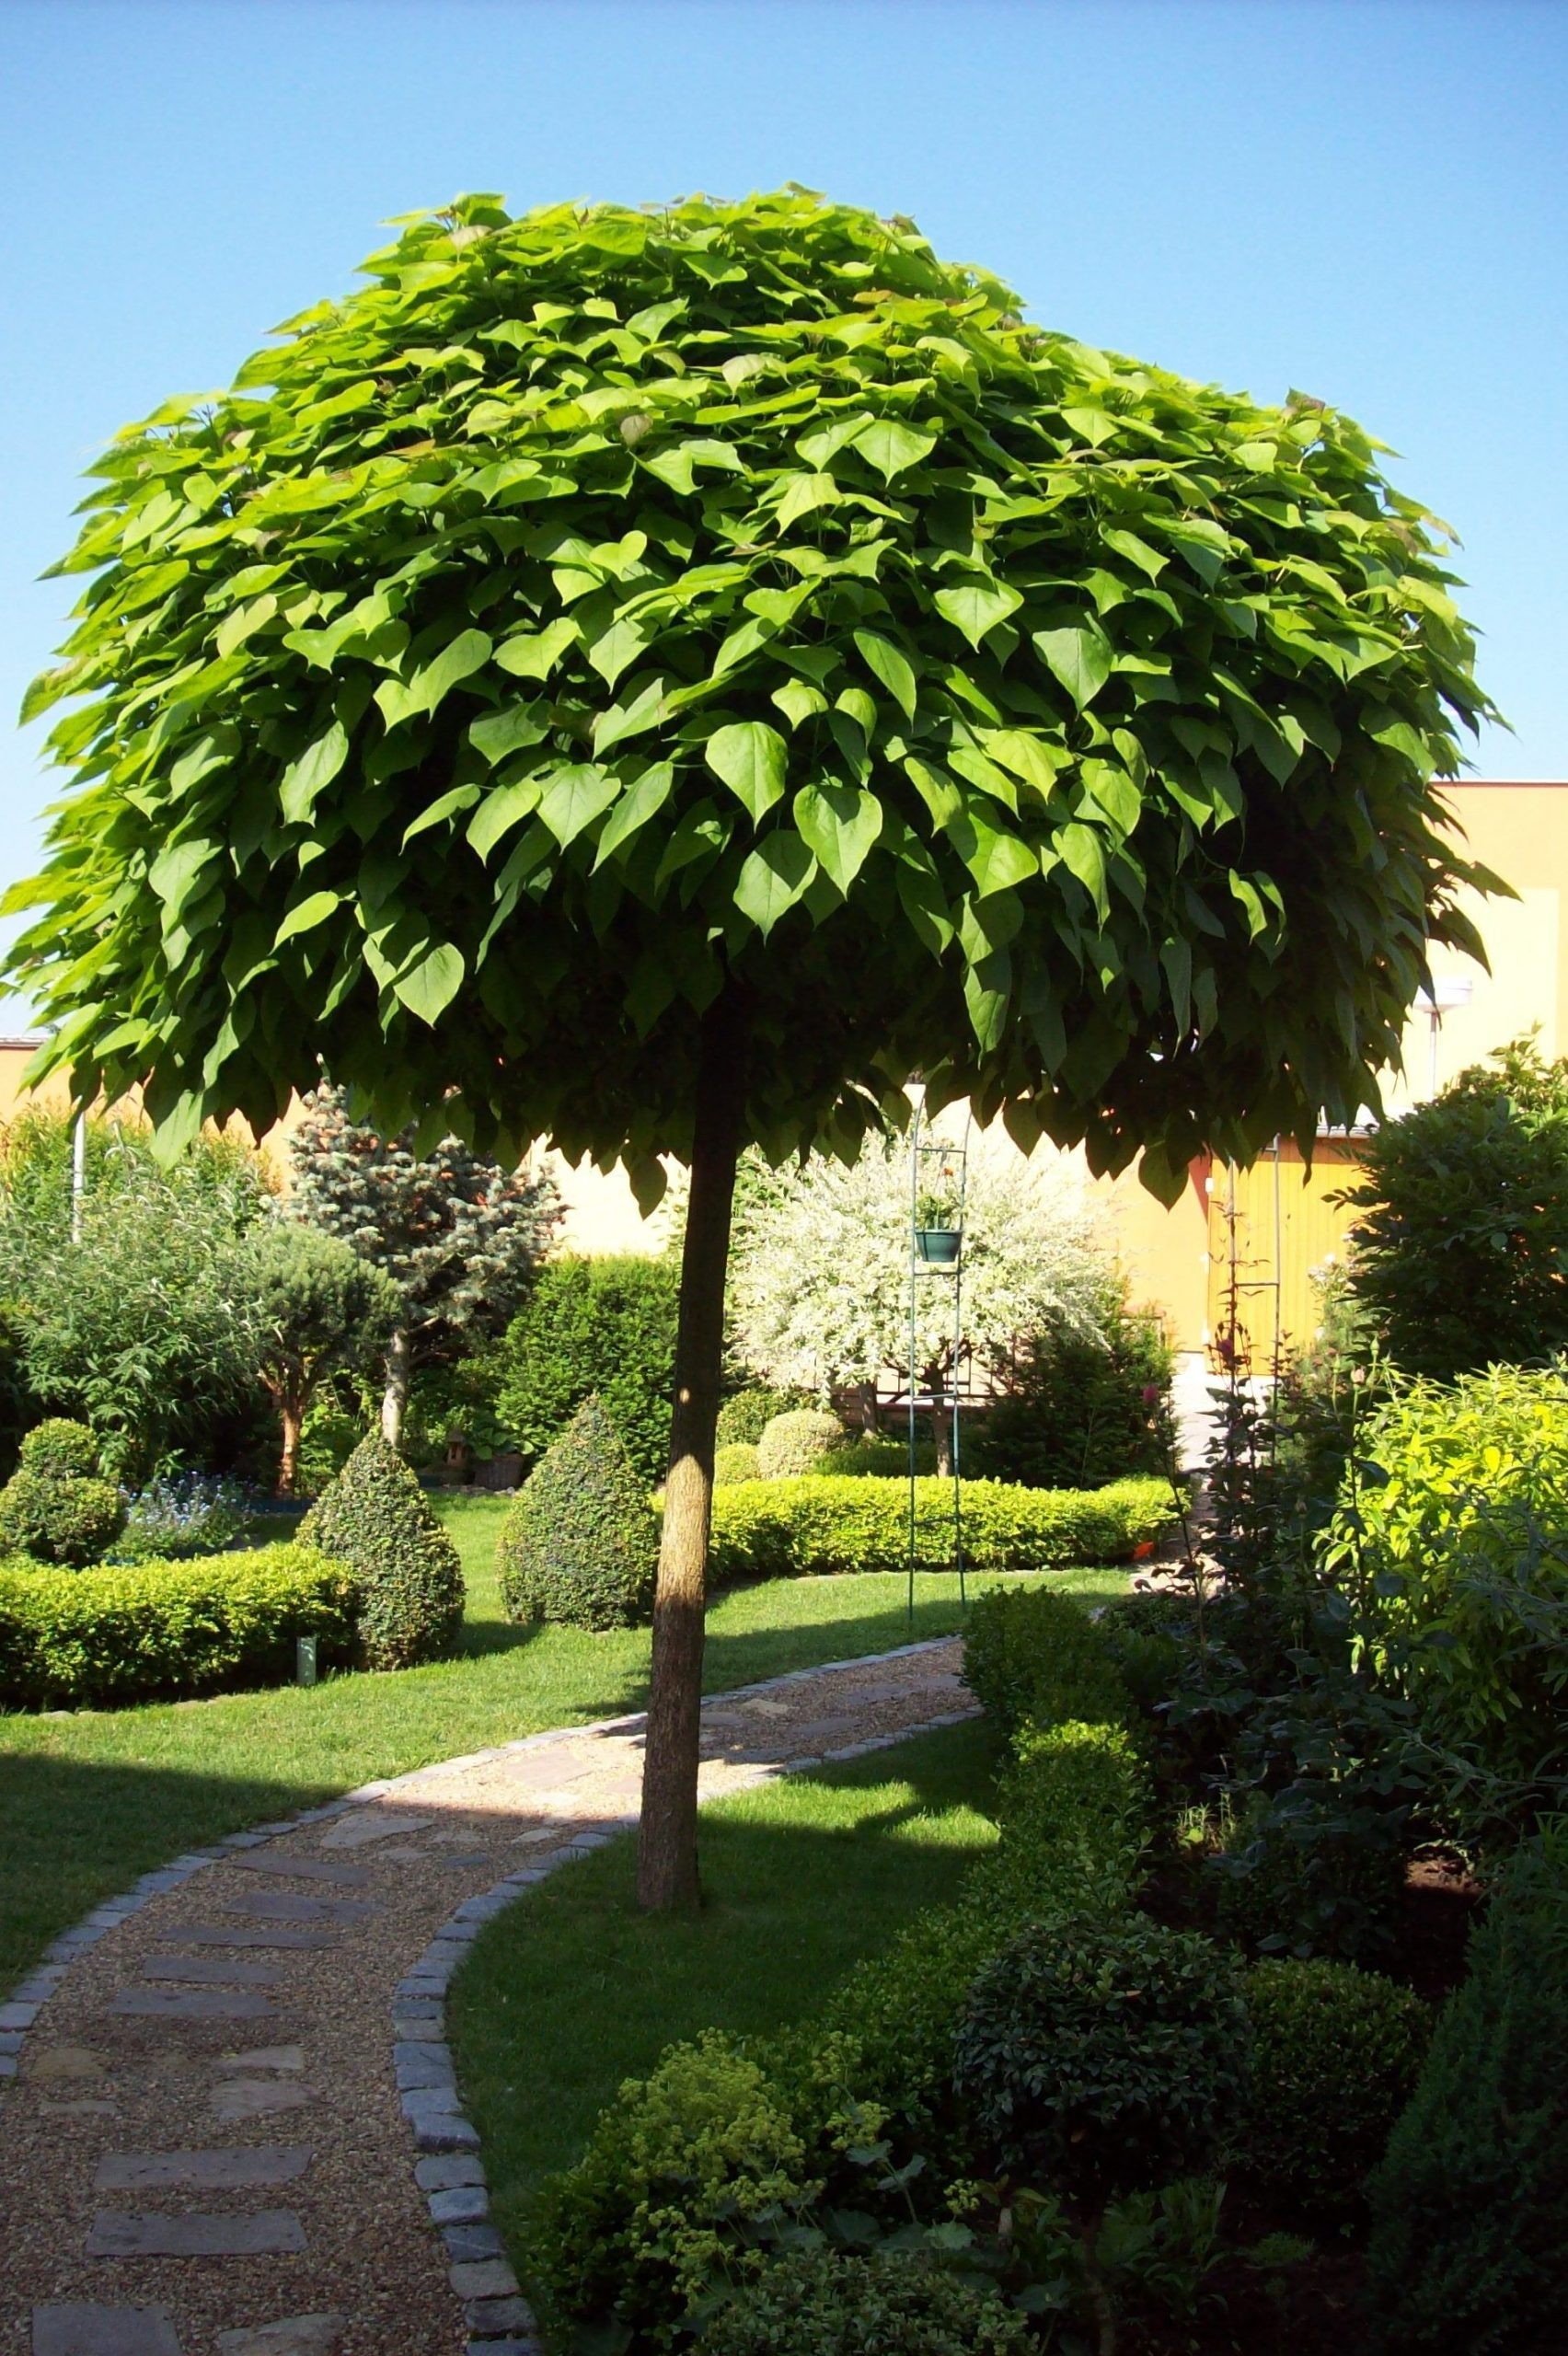 Katalpa | Arbres Pour Petit Jardin, Idées Jardin Et ... encequiconcerne Arbre Pour Petit Jardin